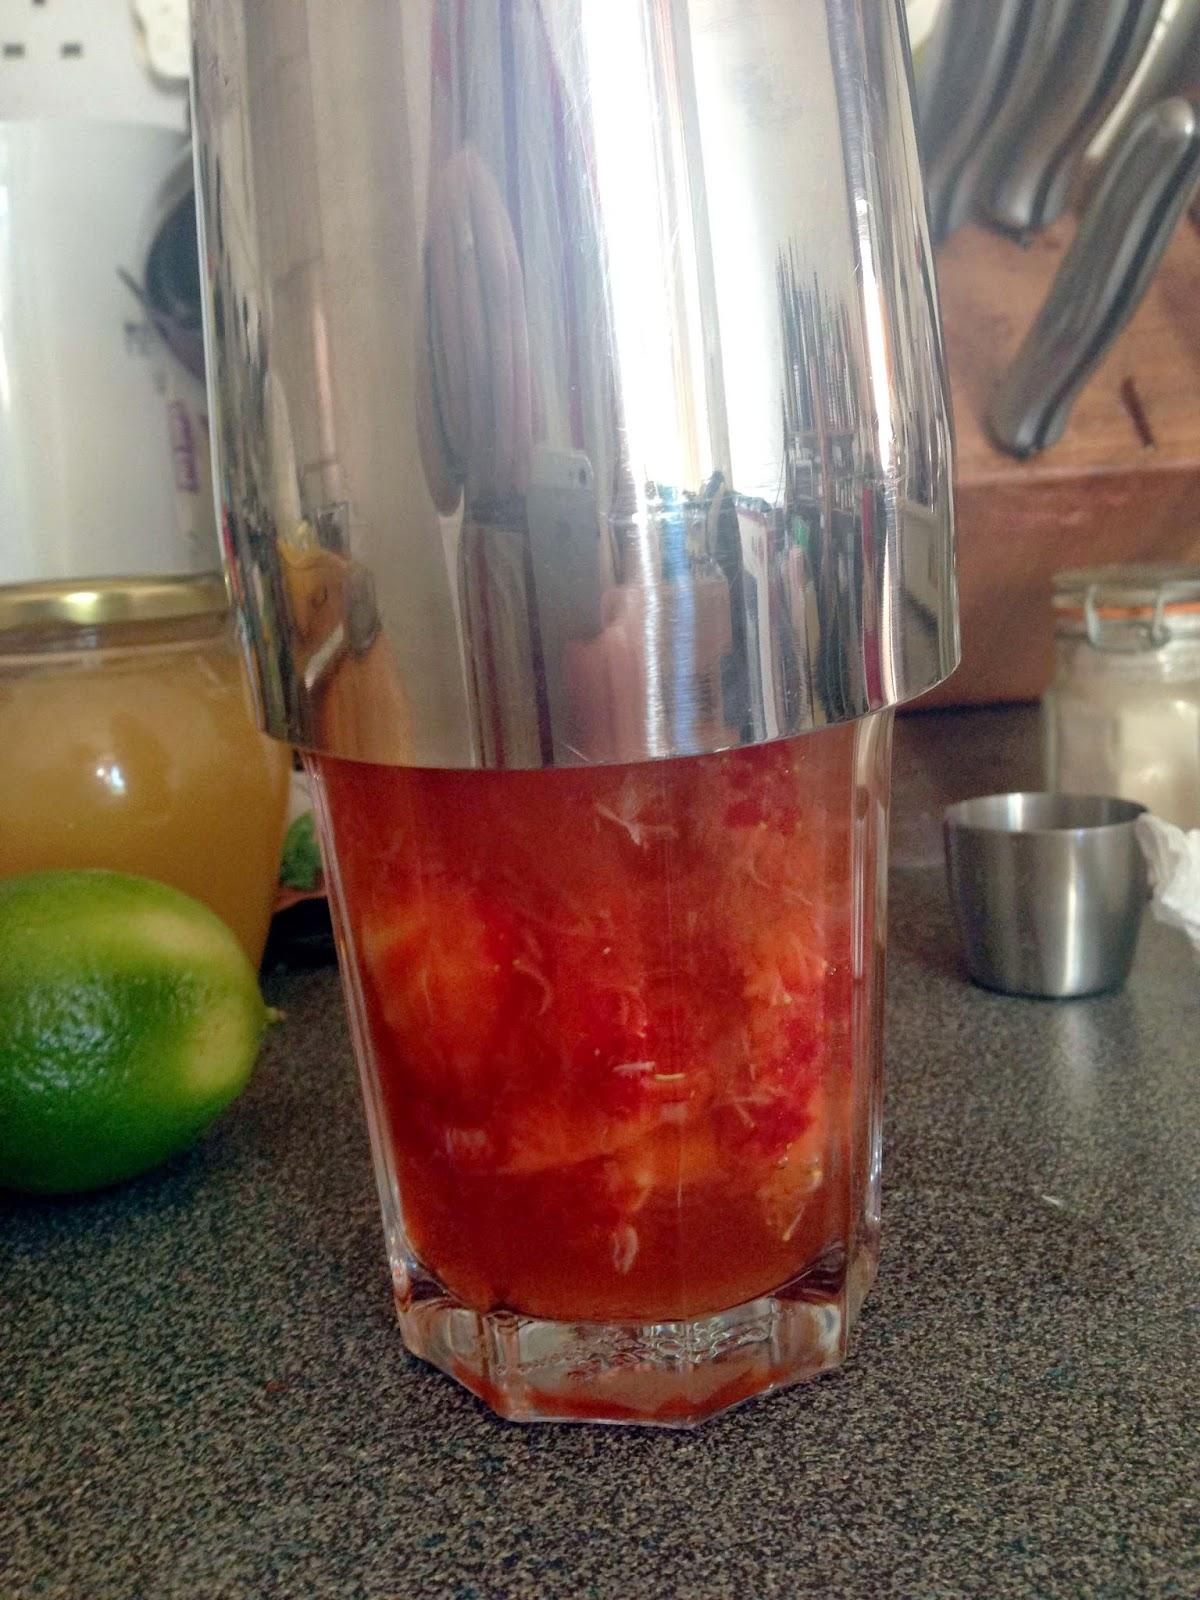 Stitch & Bear - Strawberry daiquiri - Shake